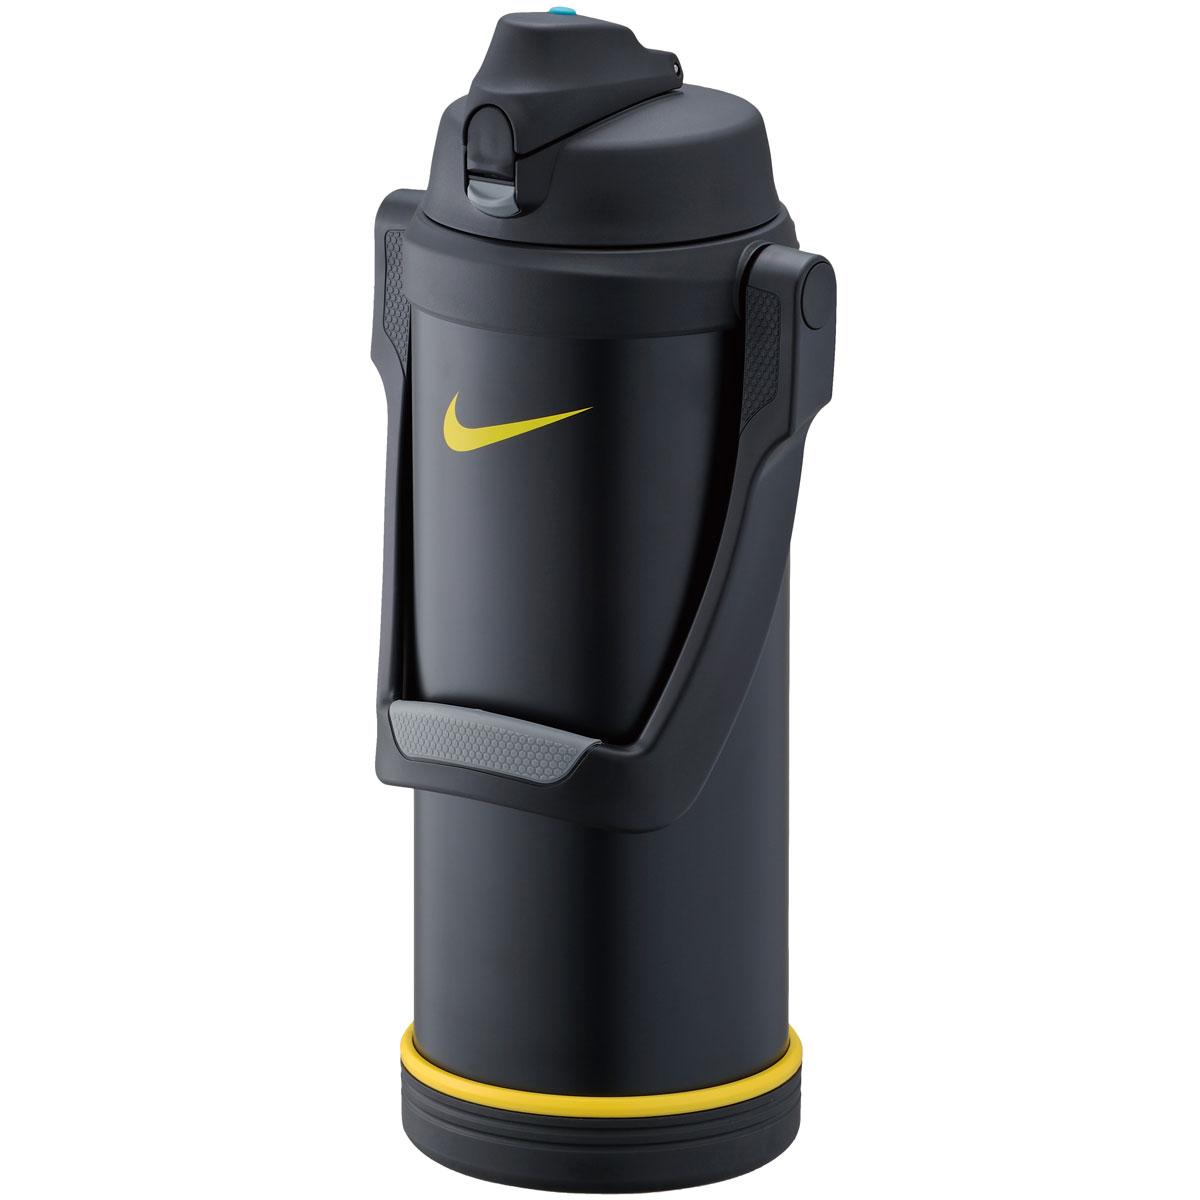 ナイキ ハイドレーションボトル 2.5L